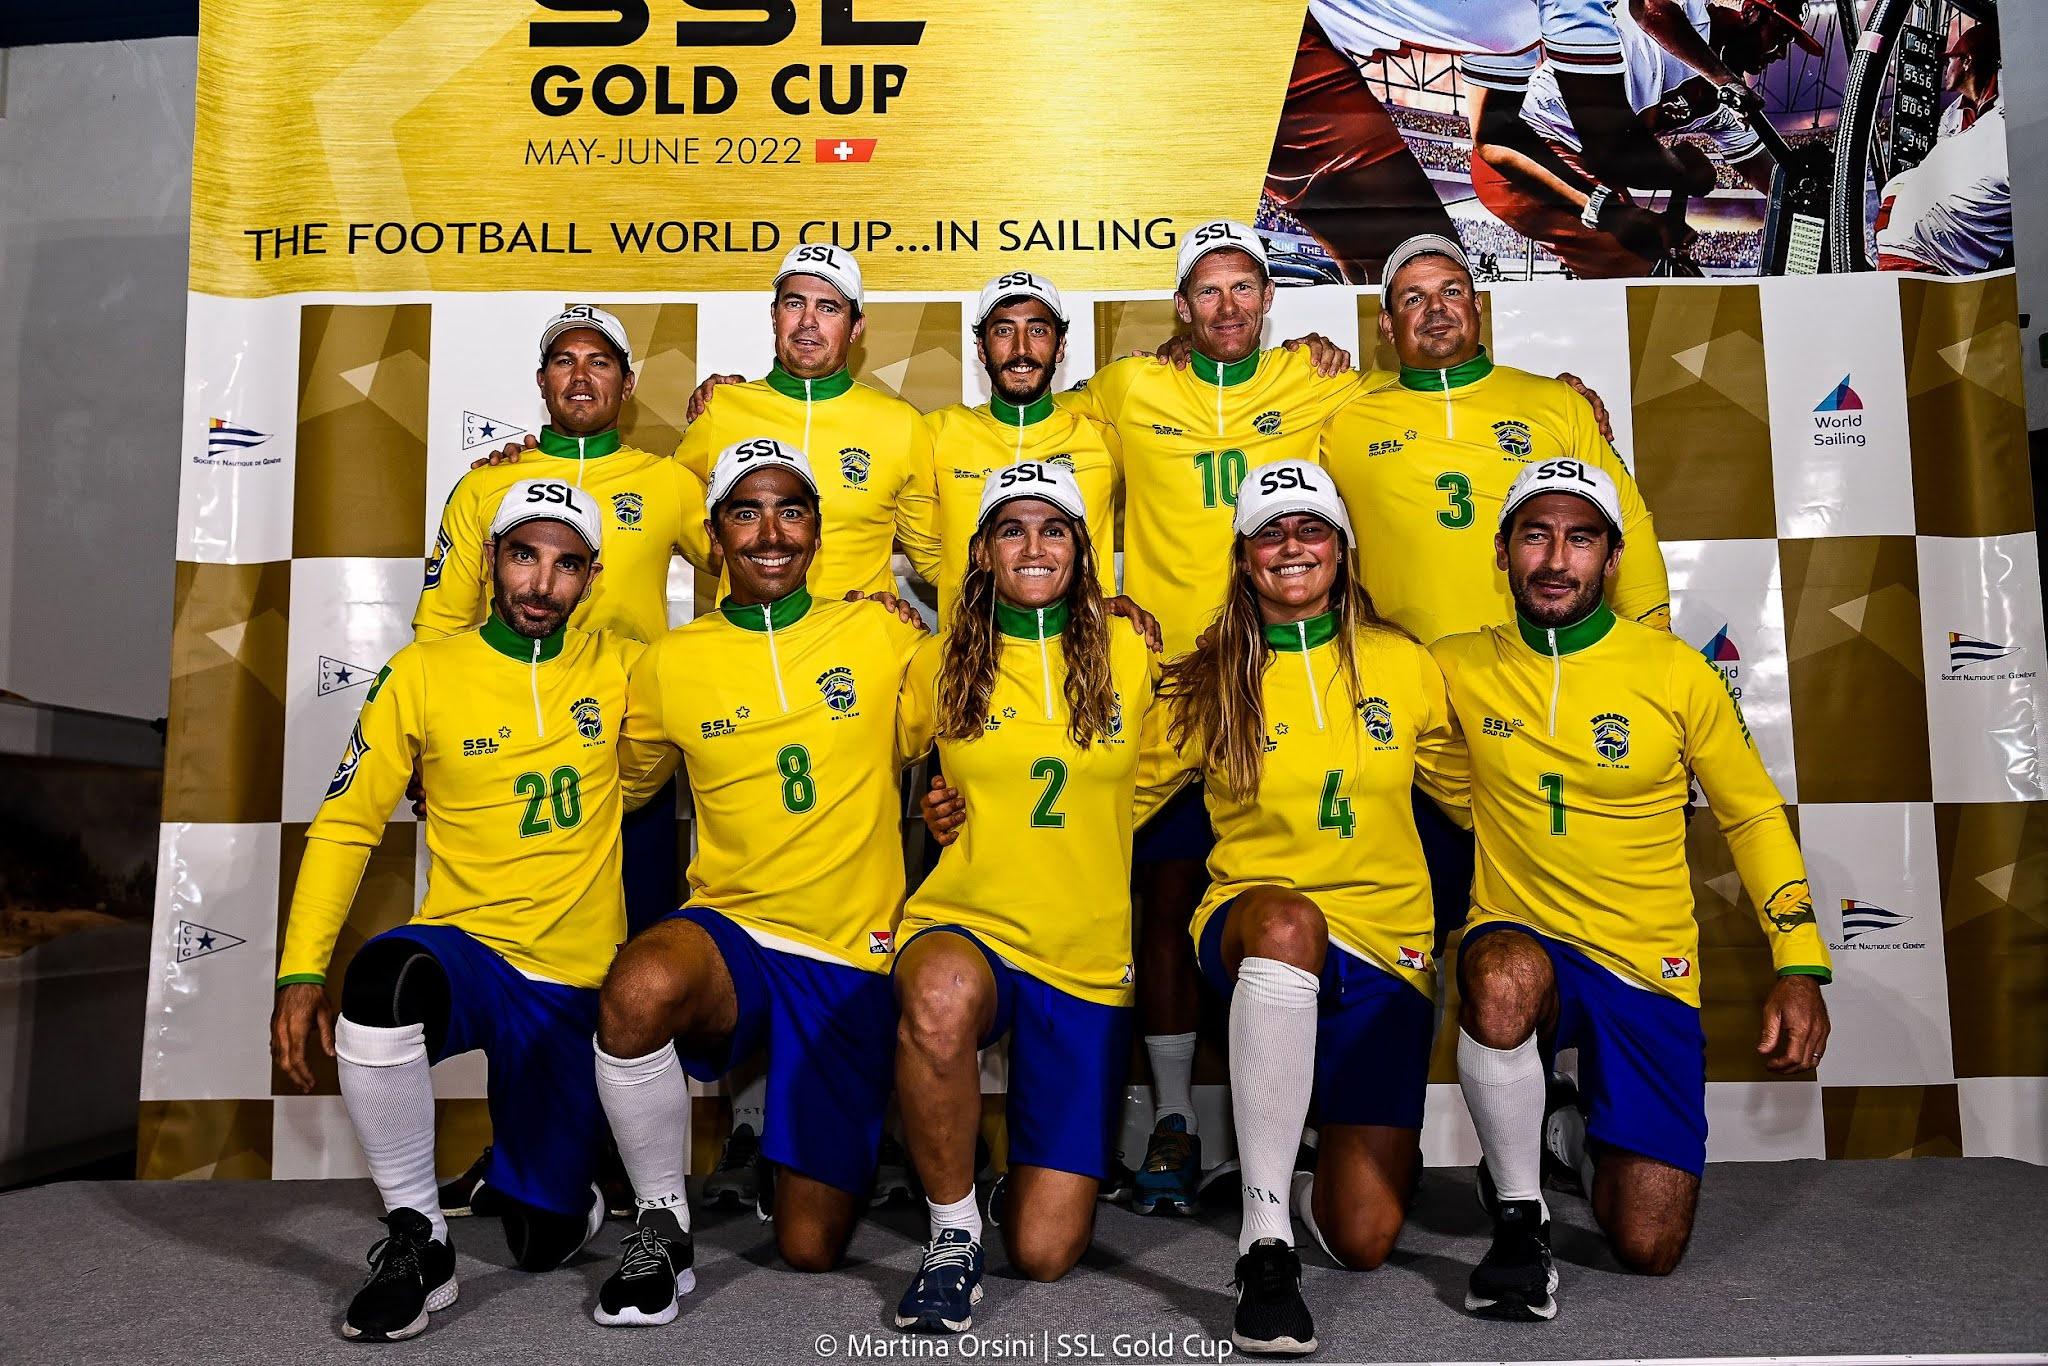 Equipe brasileira de vela na SSL Gold Cup